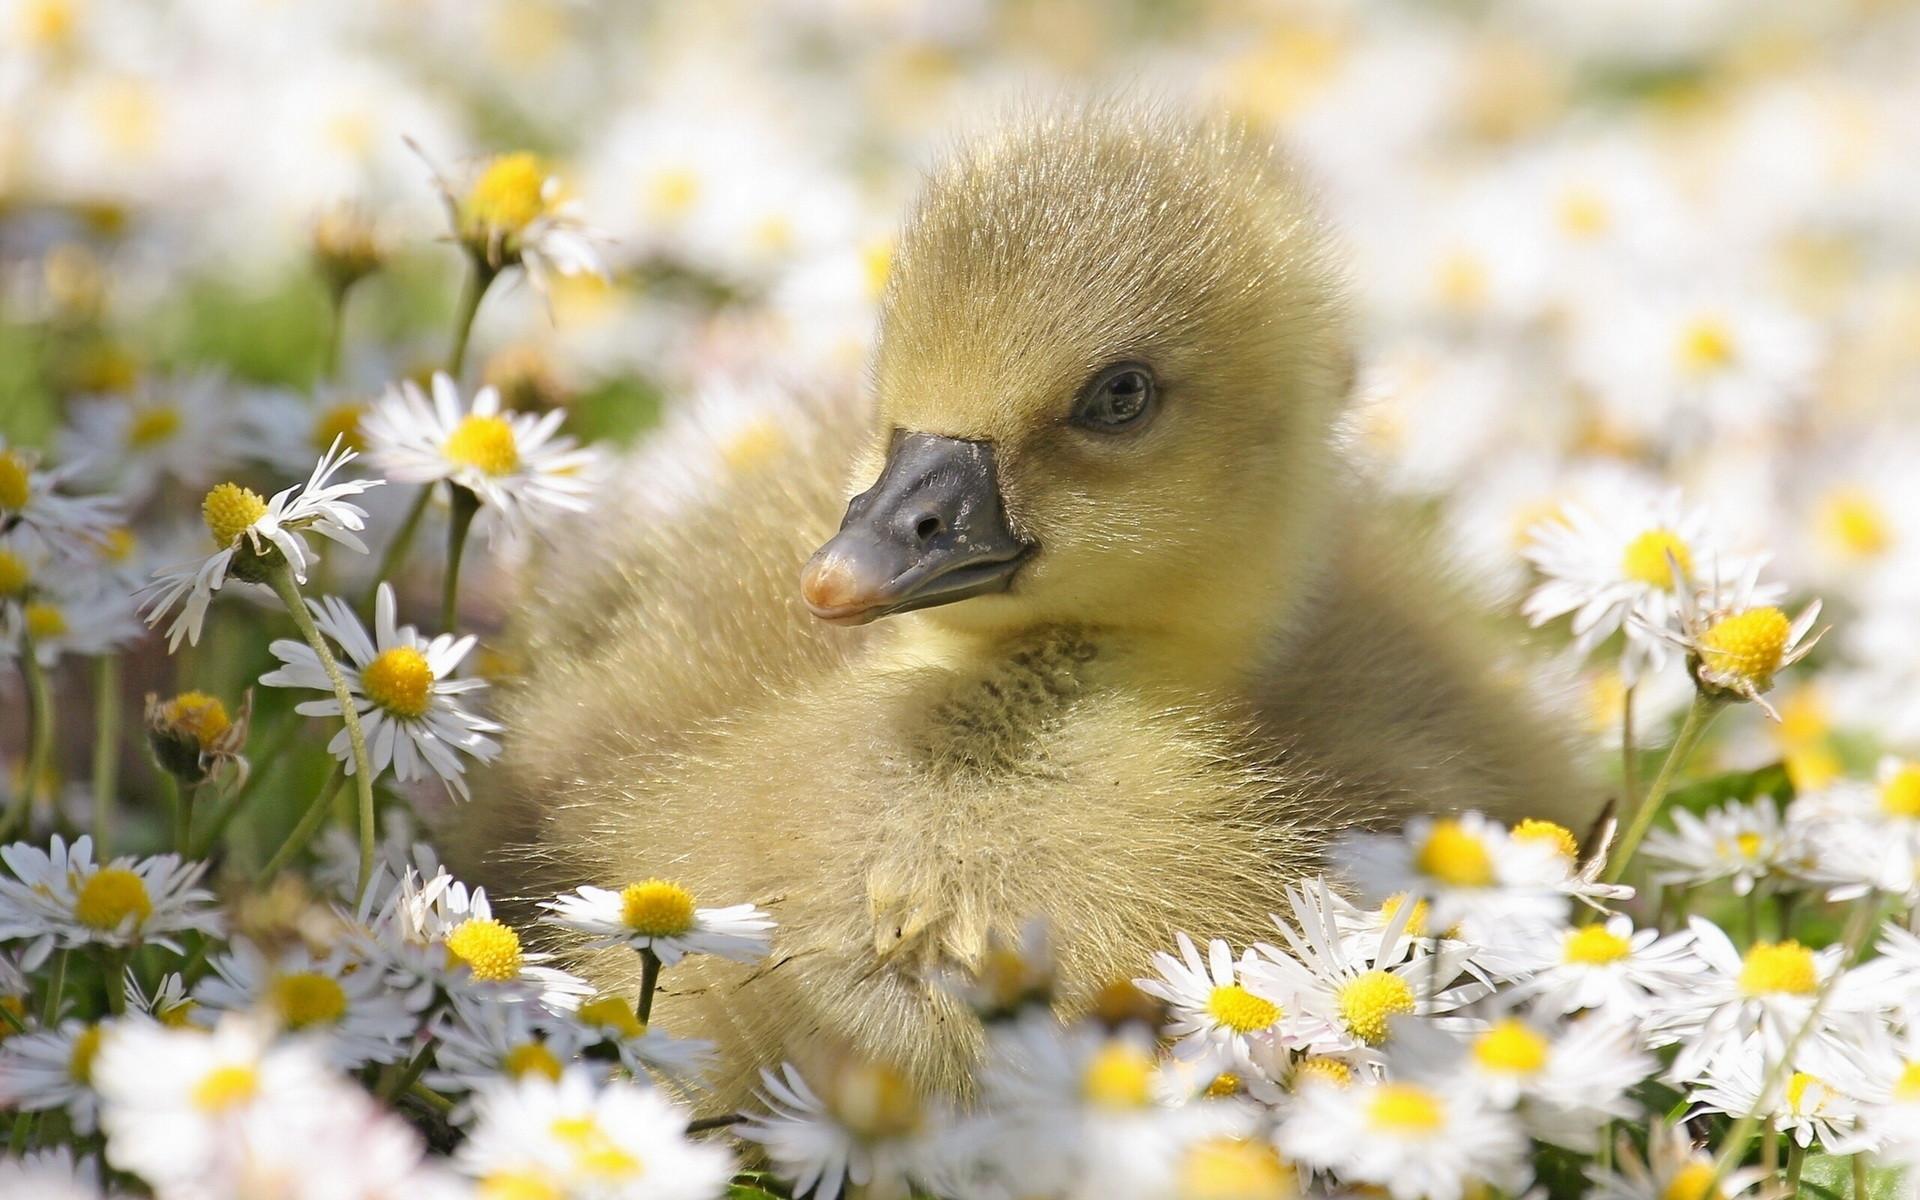 Res: 1920x1200, Baby Duck Wallpaper 55+